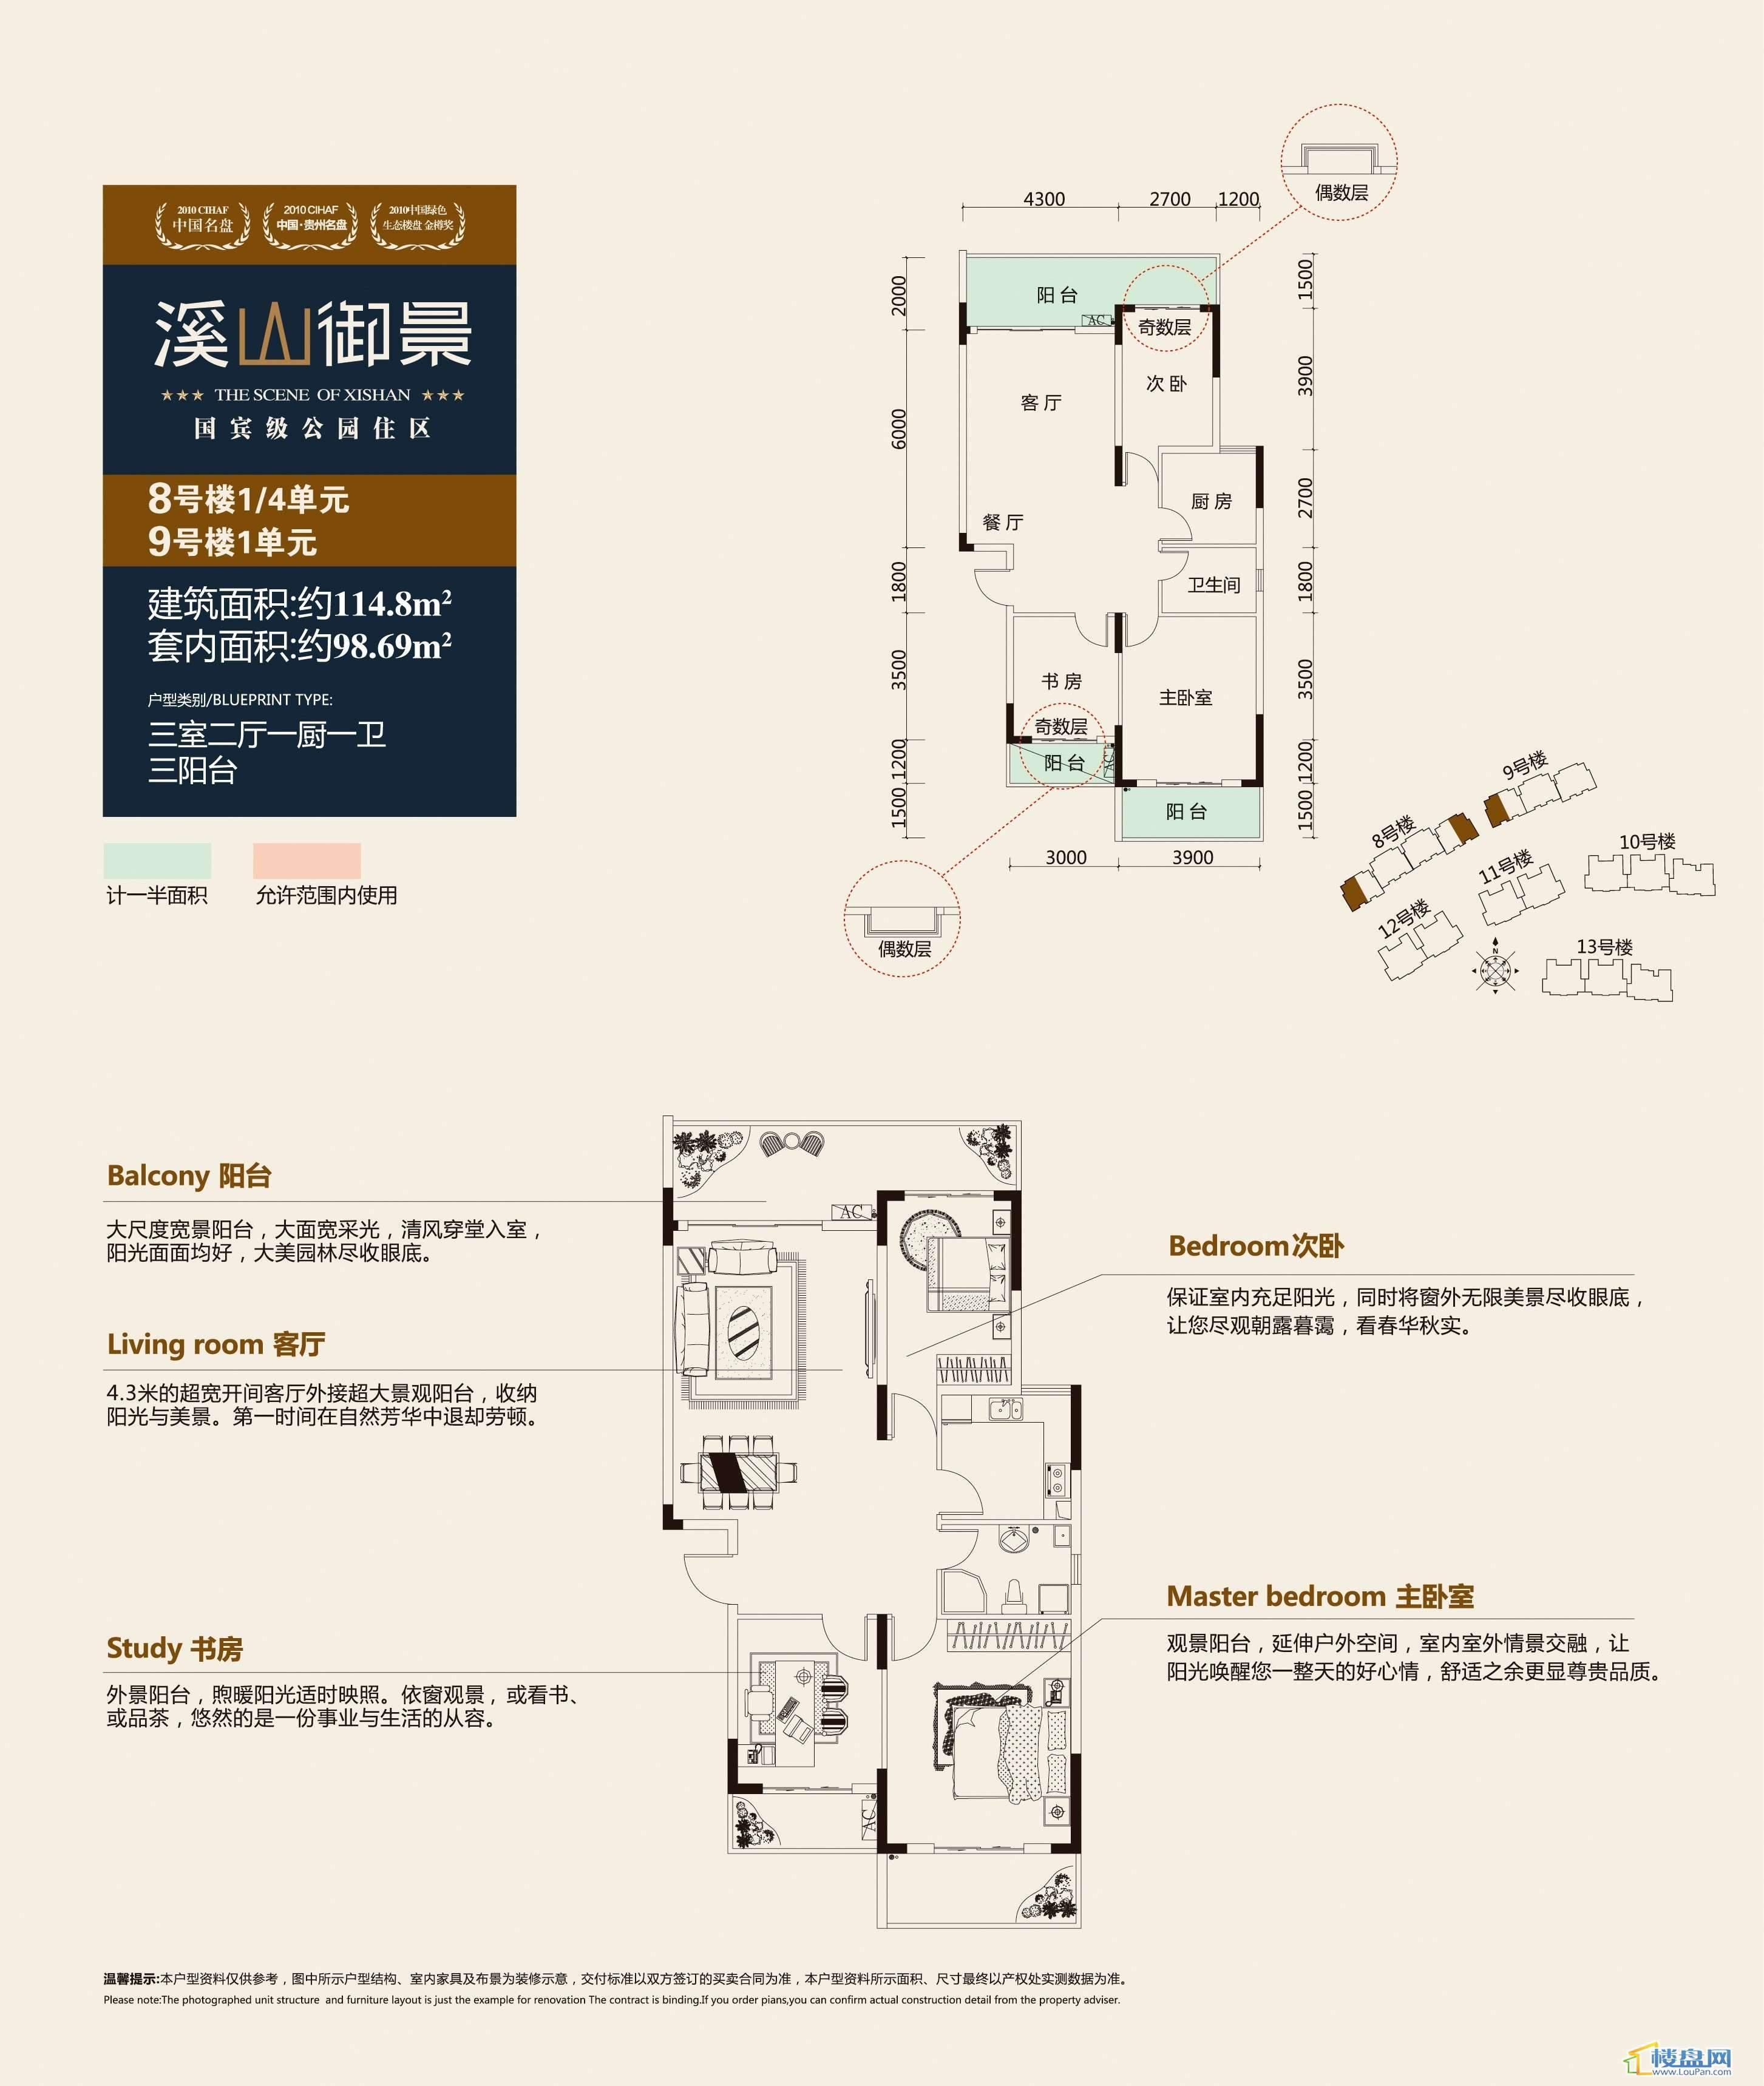 溪山御景8号楼1、4单元及9号楼1单元 三室两厅一厨一卫两阳台